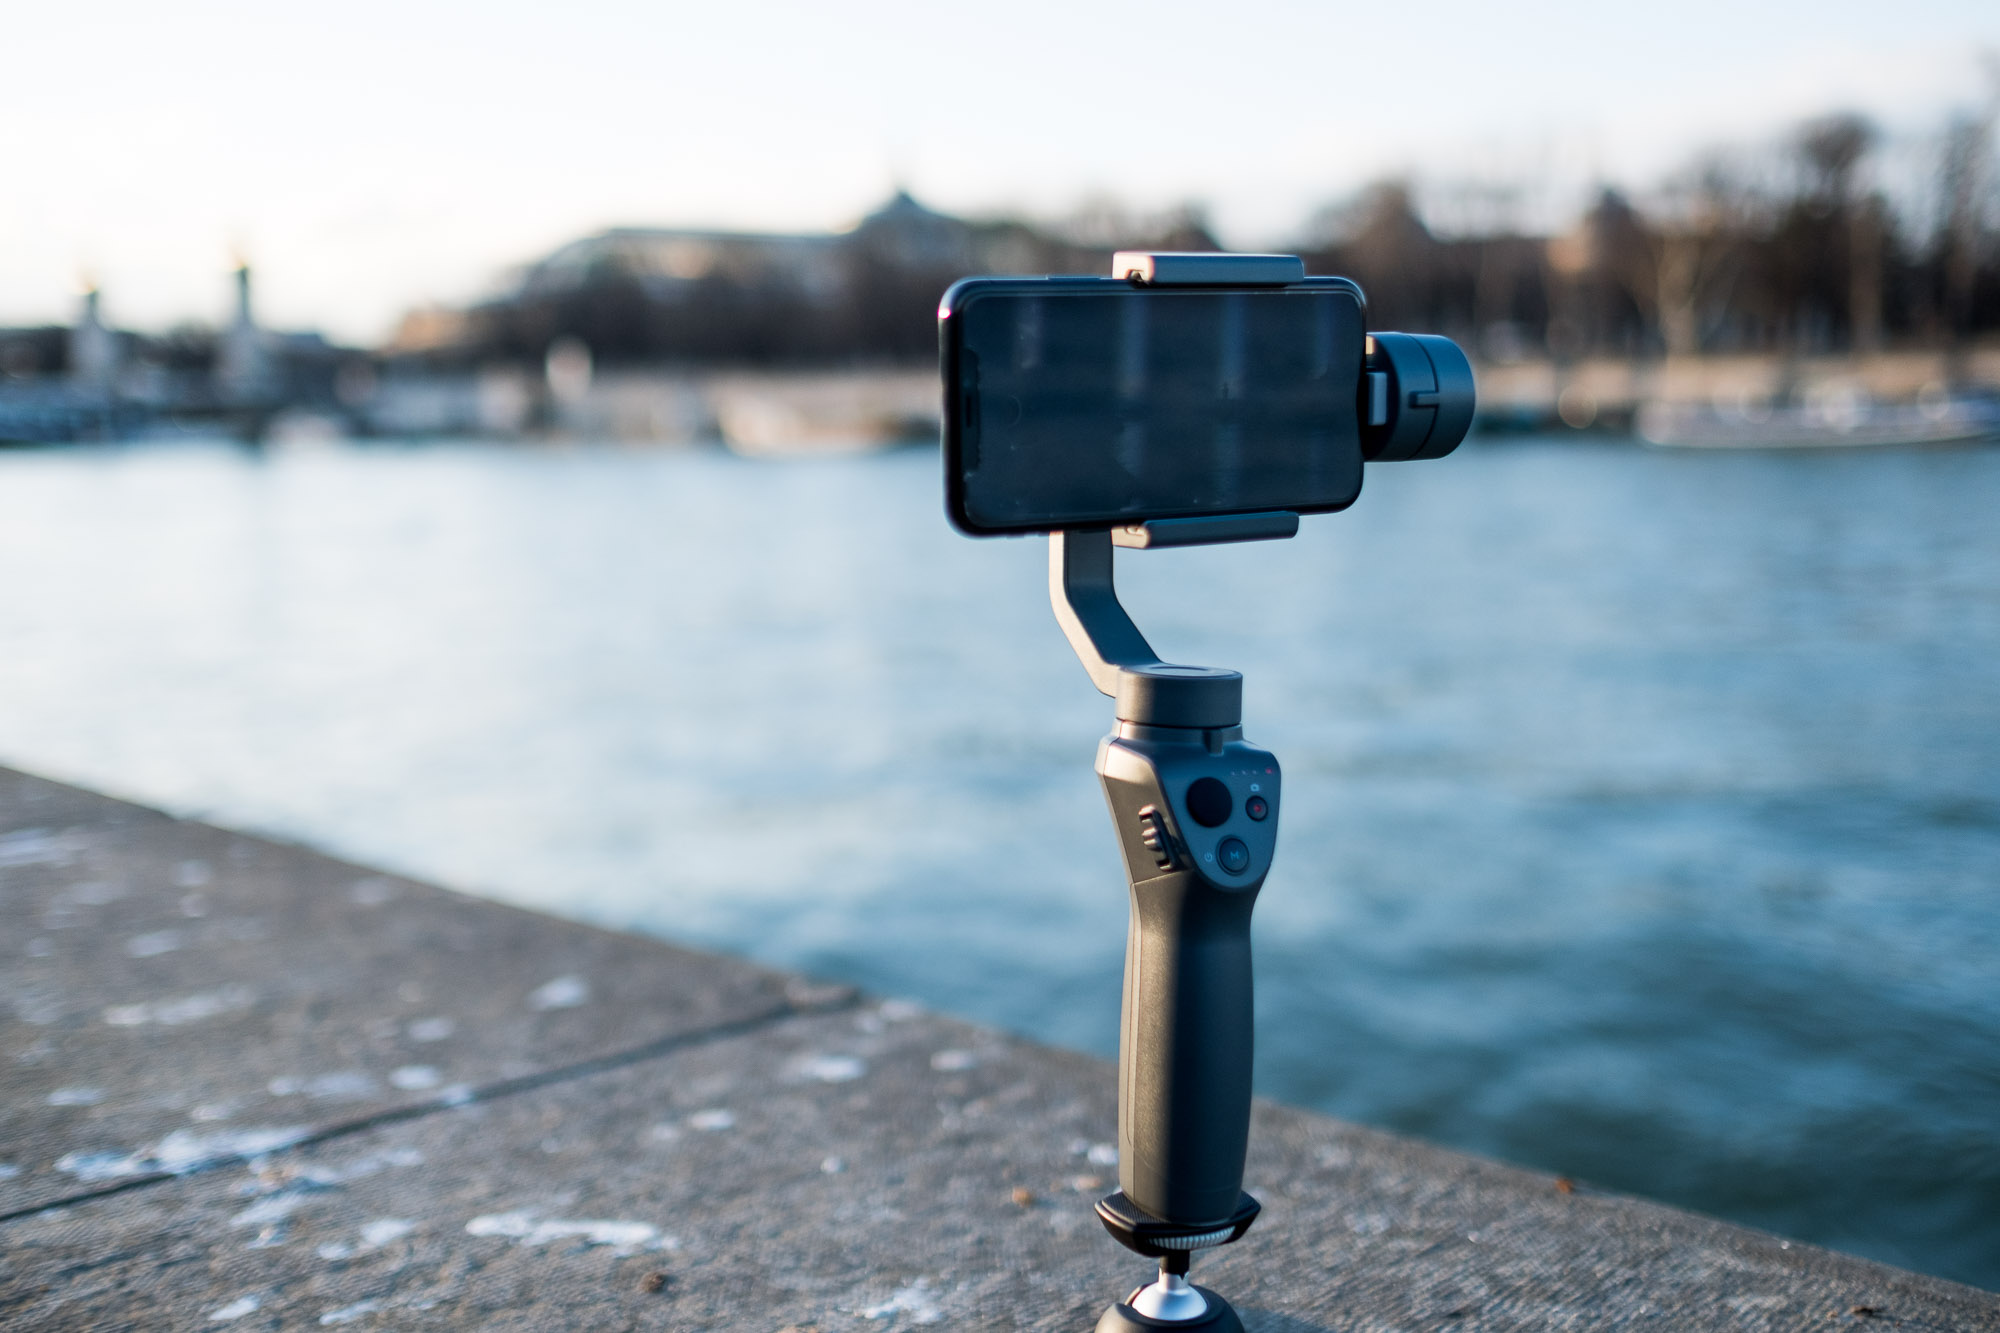 Test DJI Osmo Mobile 2, la poignée pour stabiliser vos vidéos au